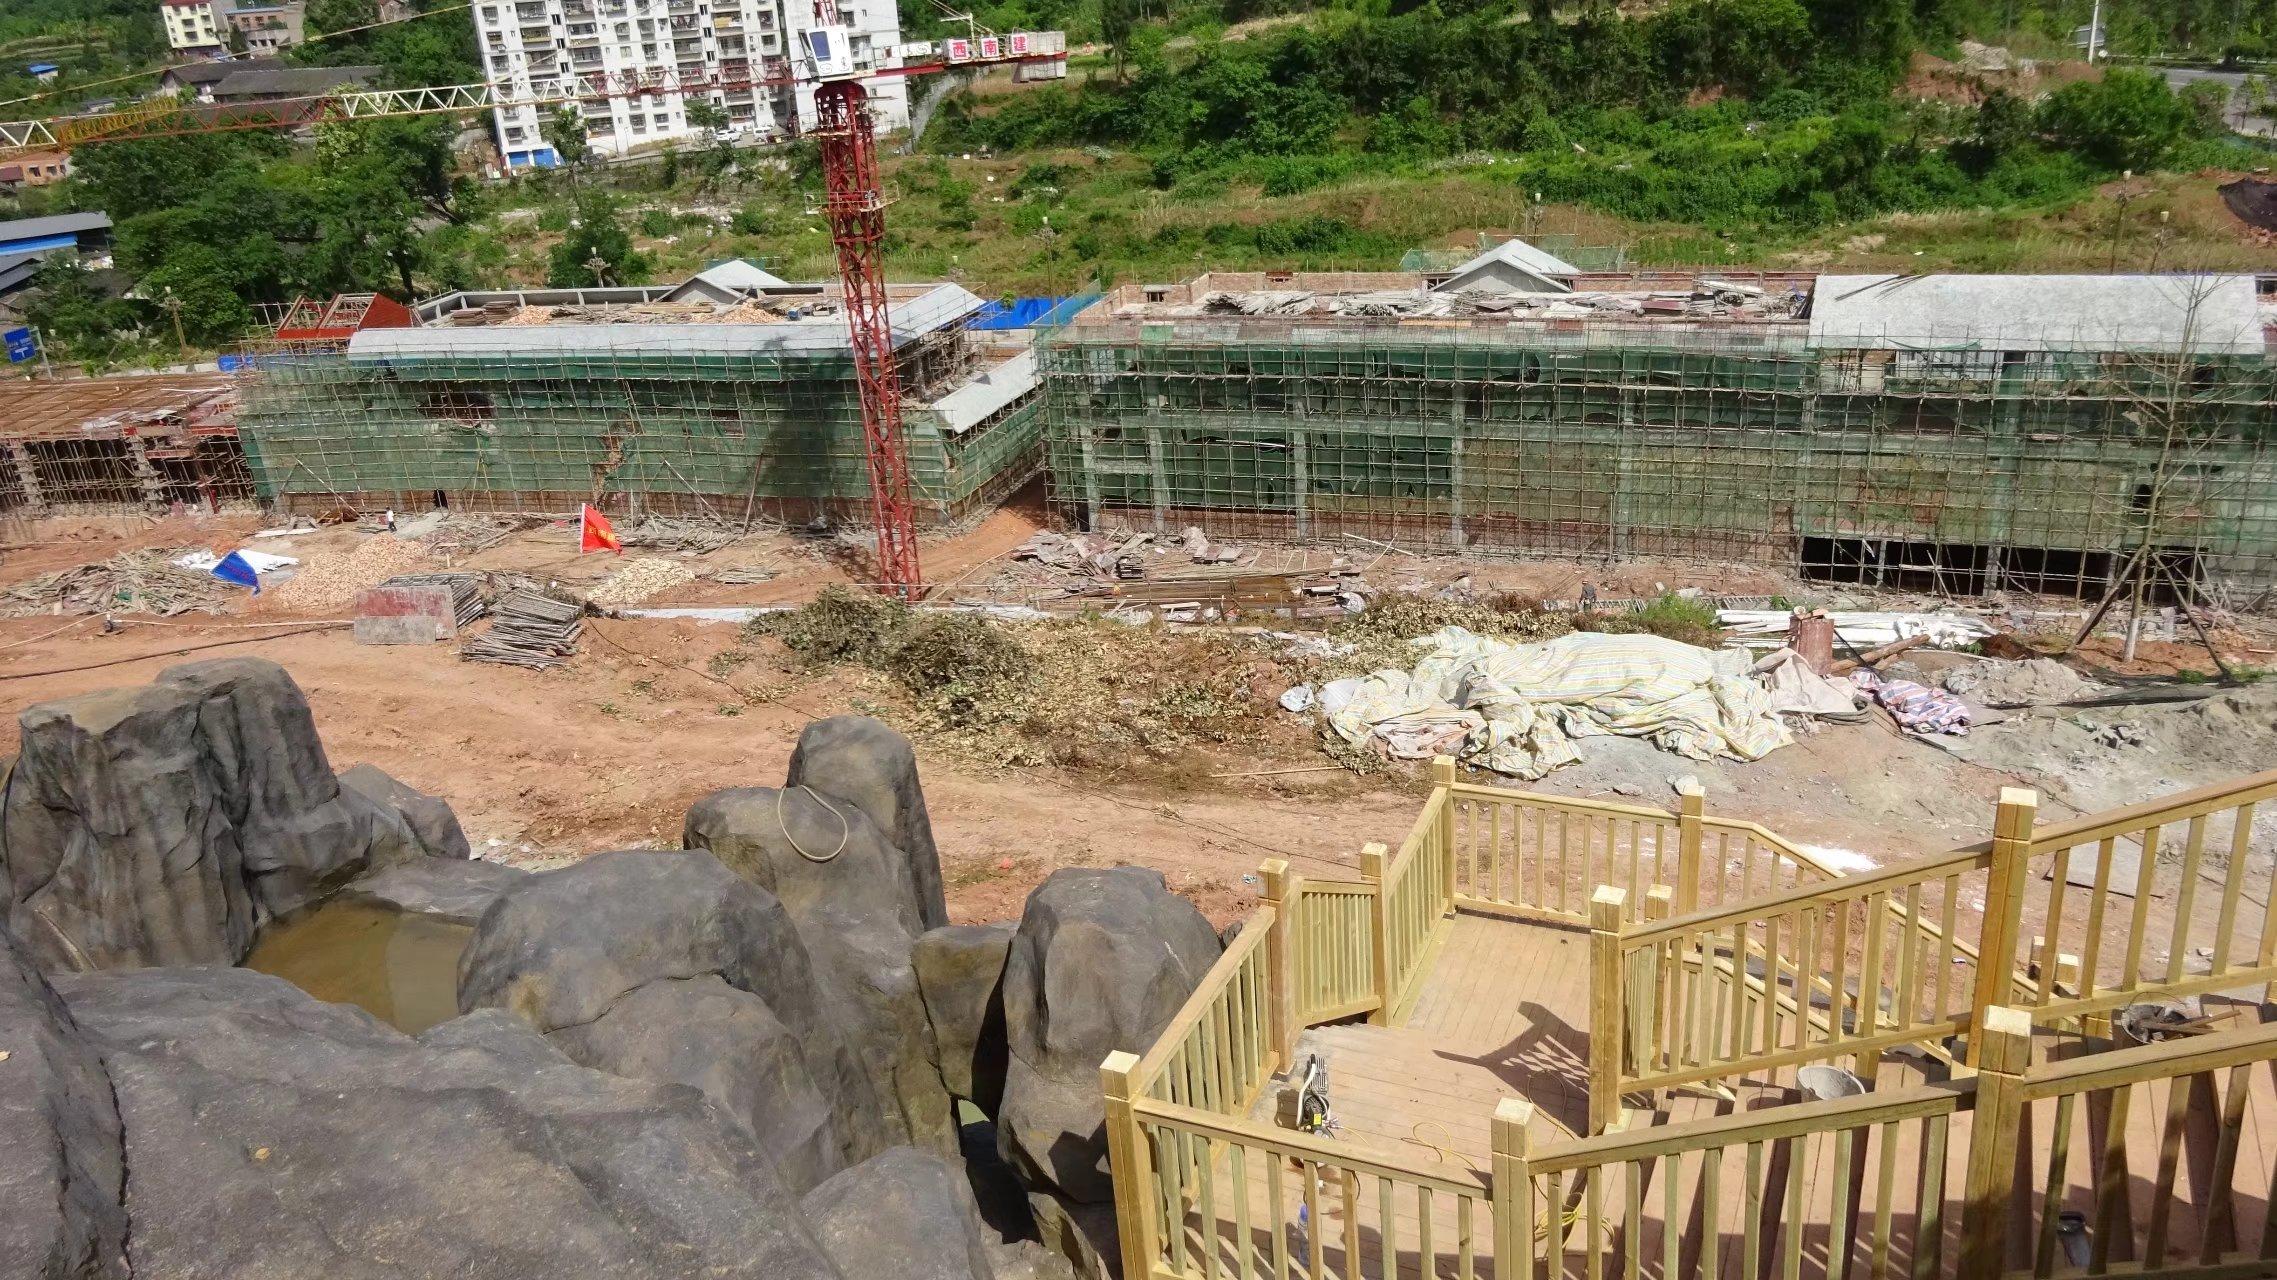 蓬安桑梓火锅公园施工进度(2018-05-10) - 第11张  | 蓬安在线